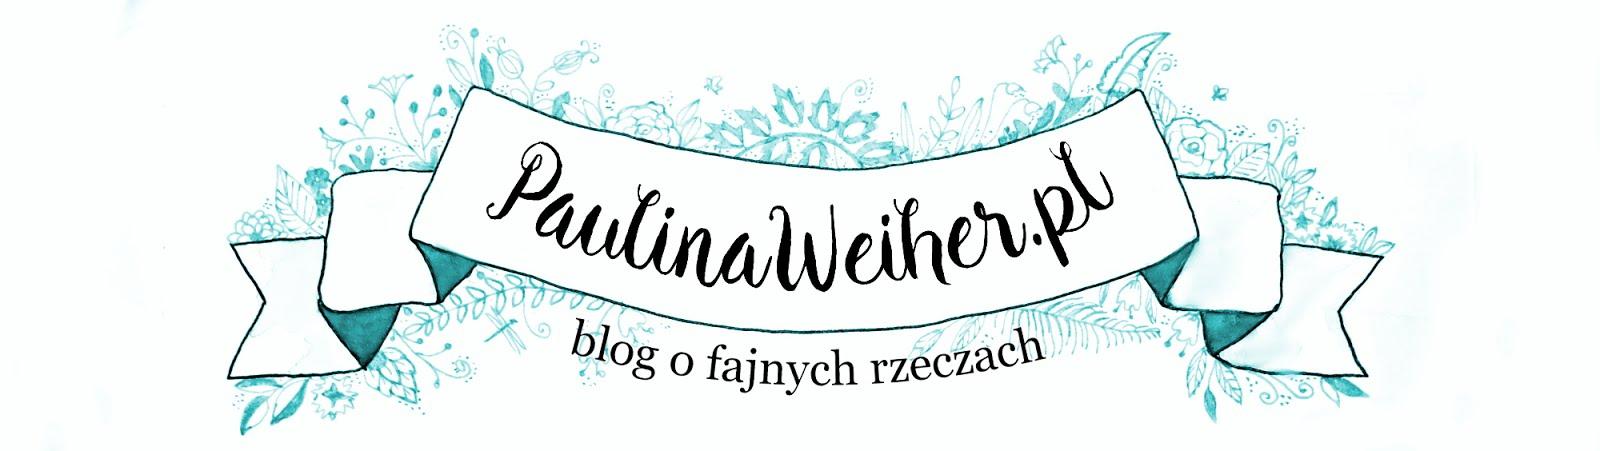 paulinaweiher.pl - pozytywny blog dla kreatywnych ludzi